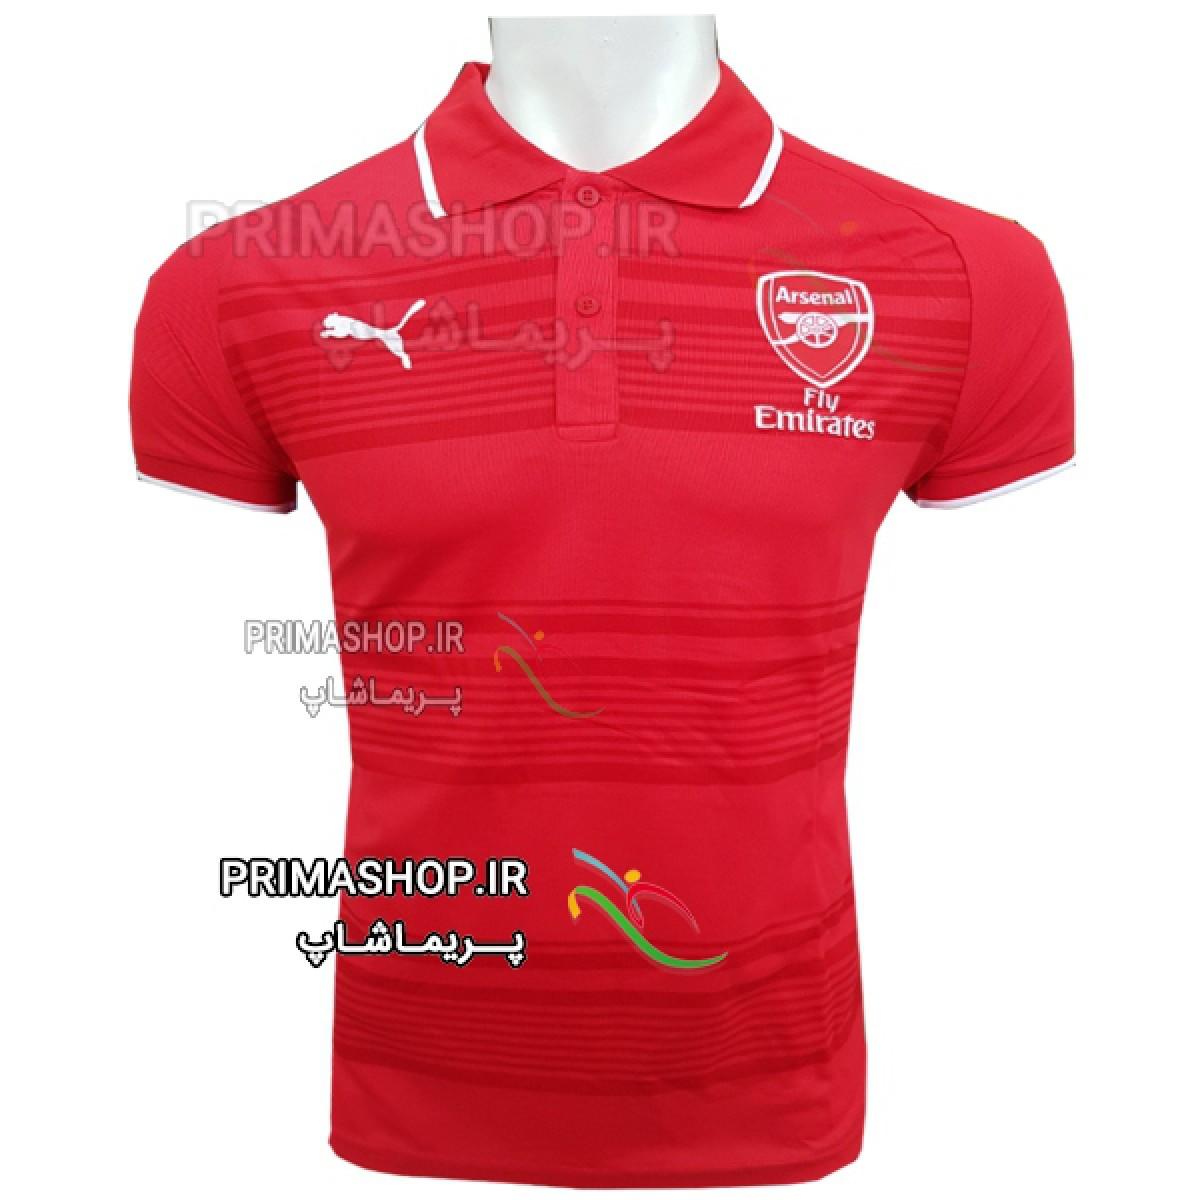 پیراهن هتلی آرسنال قرمز 2018/19  اورجینال تایلندی